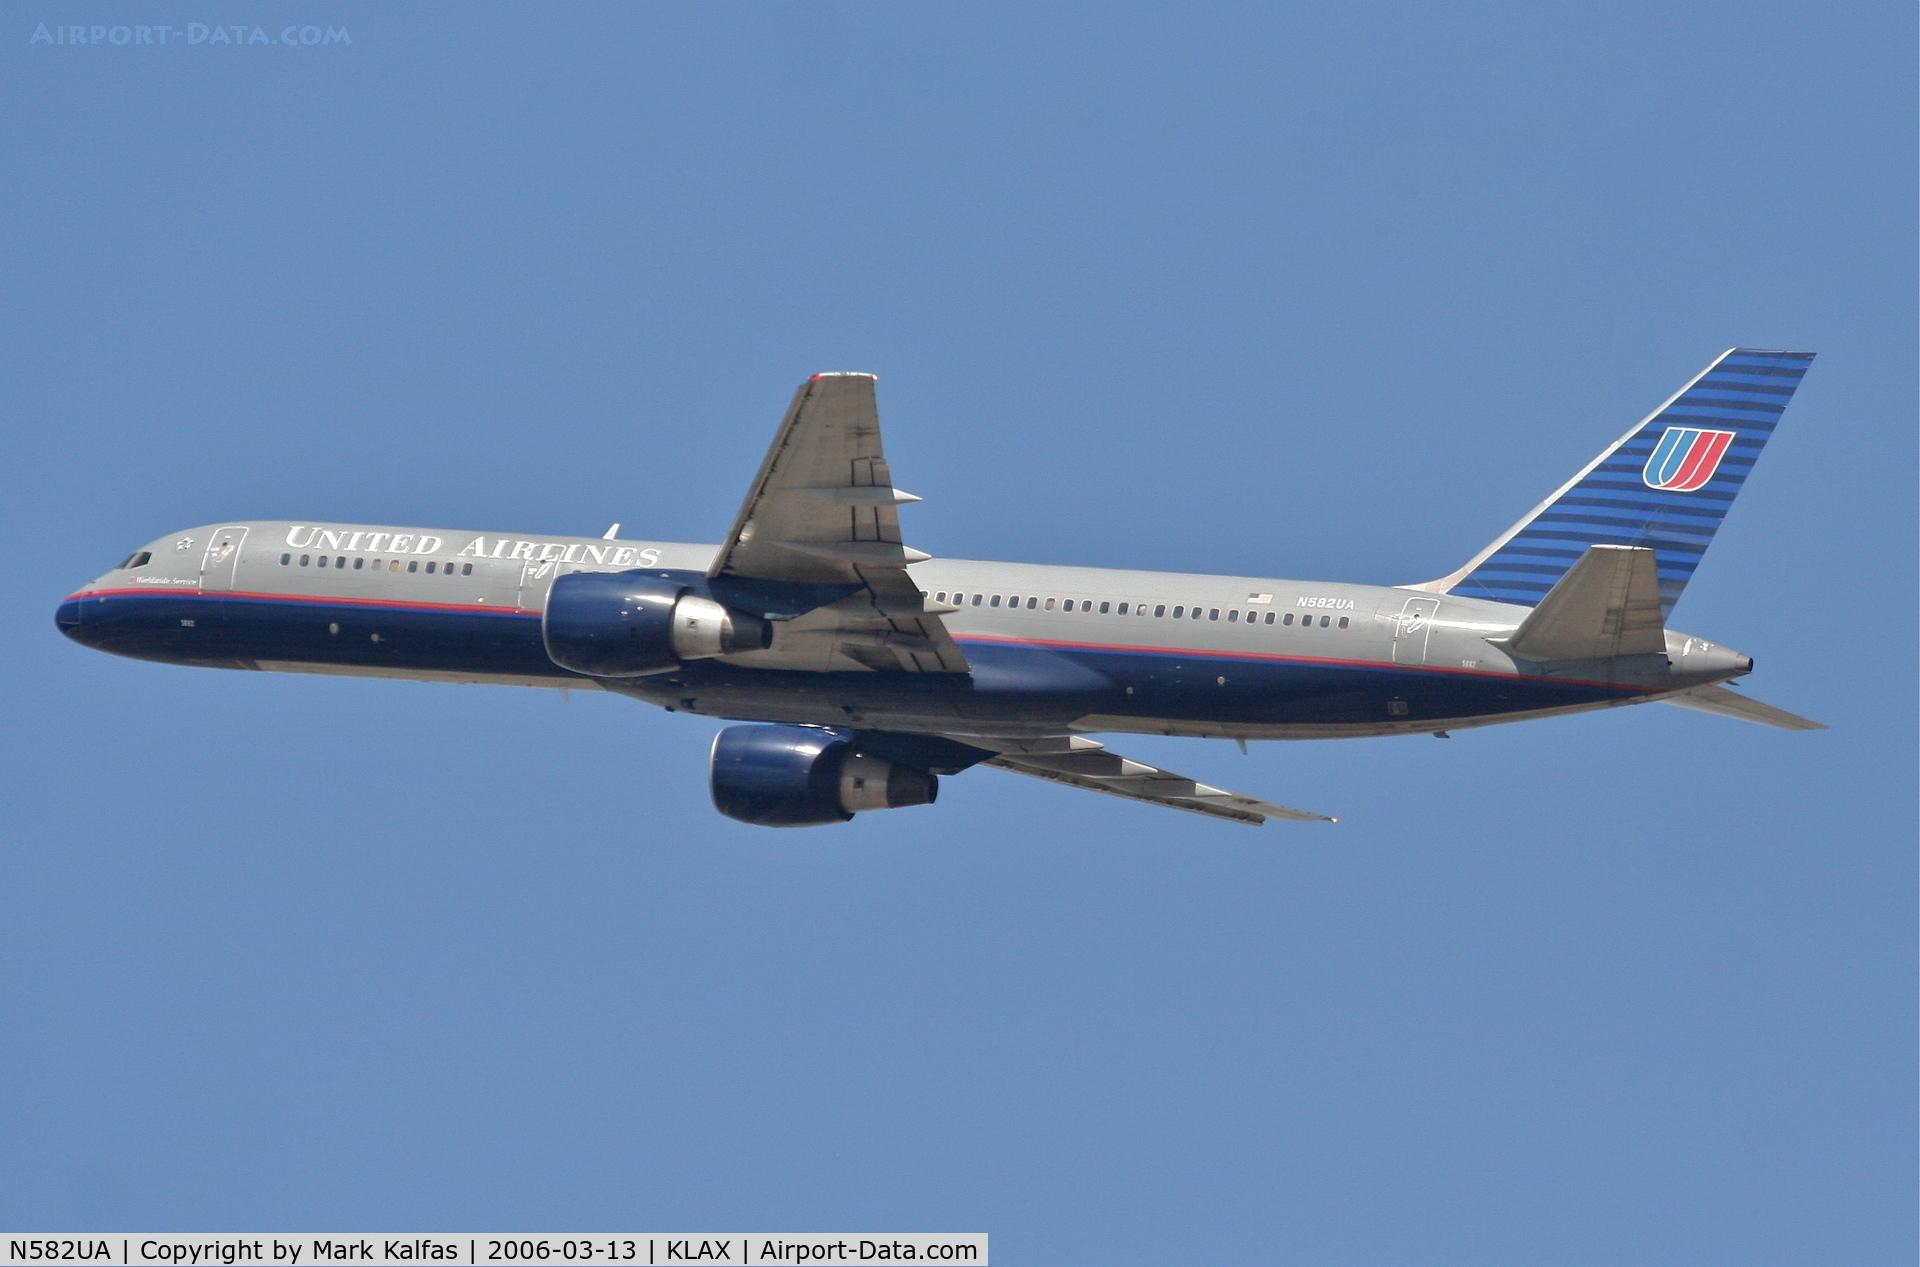 N582UA, 1993 Boeing 757-222 C/N 26702, United Airlines Boeing 757-222, N582UA RWY 25R departure KLAX.